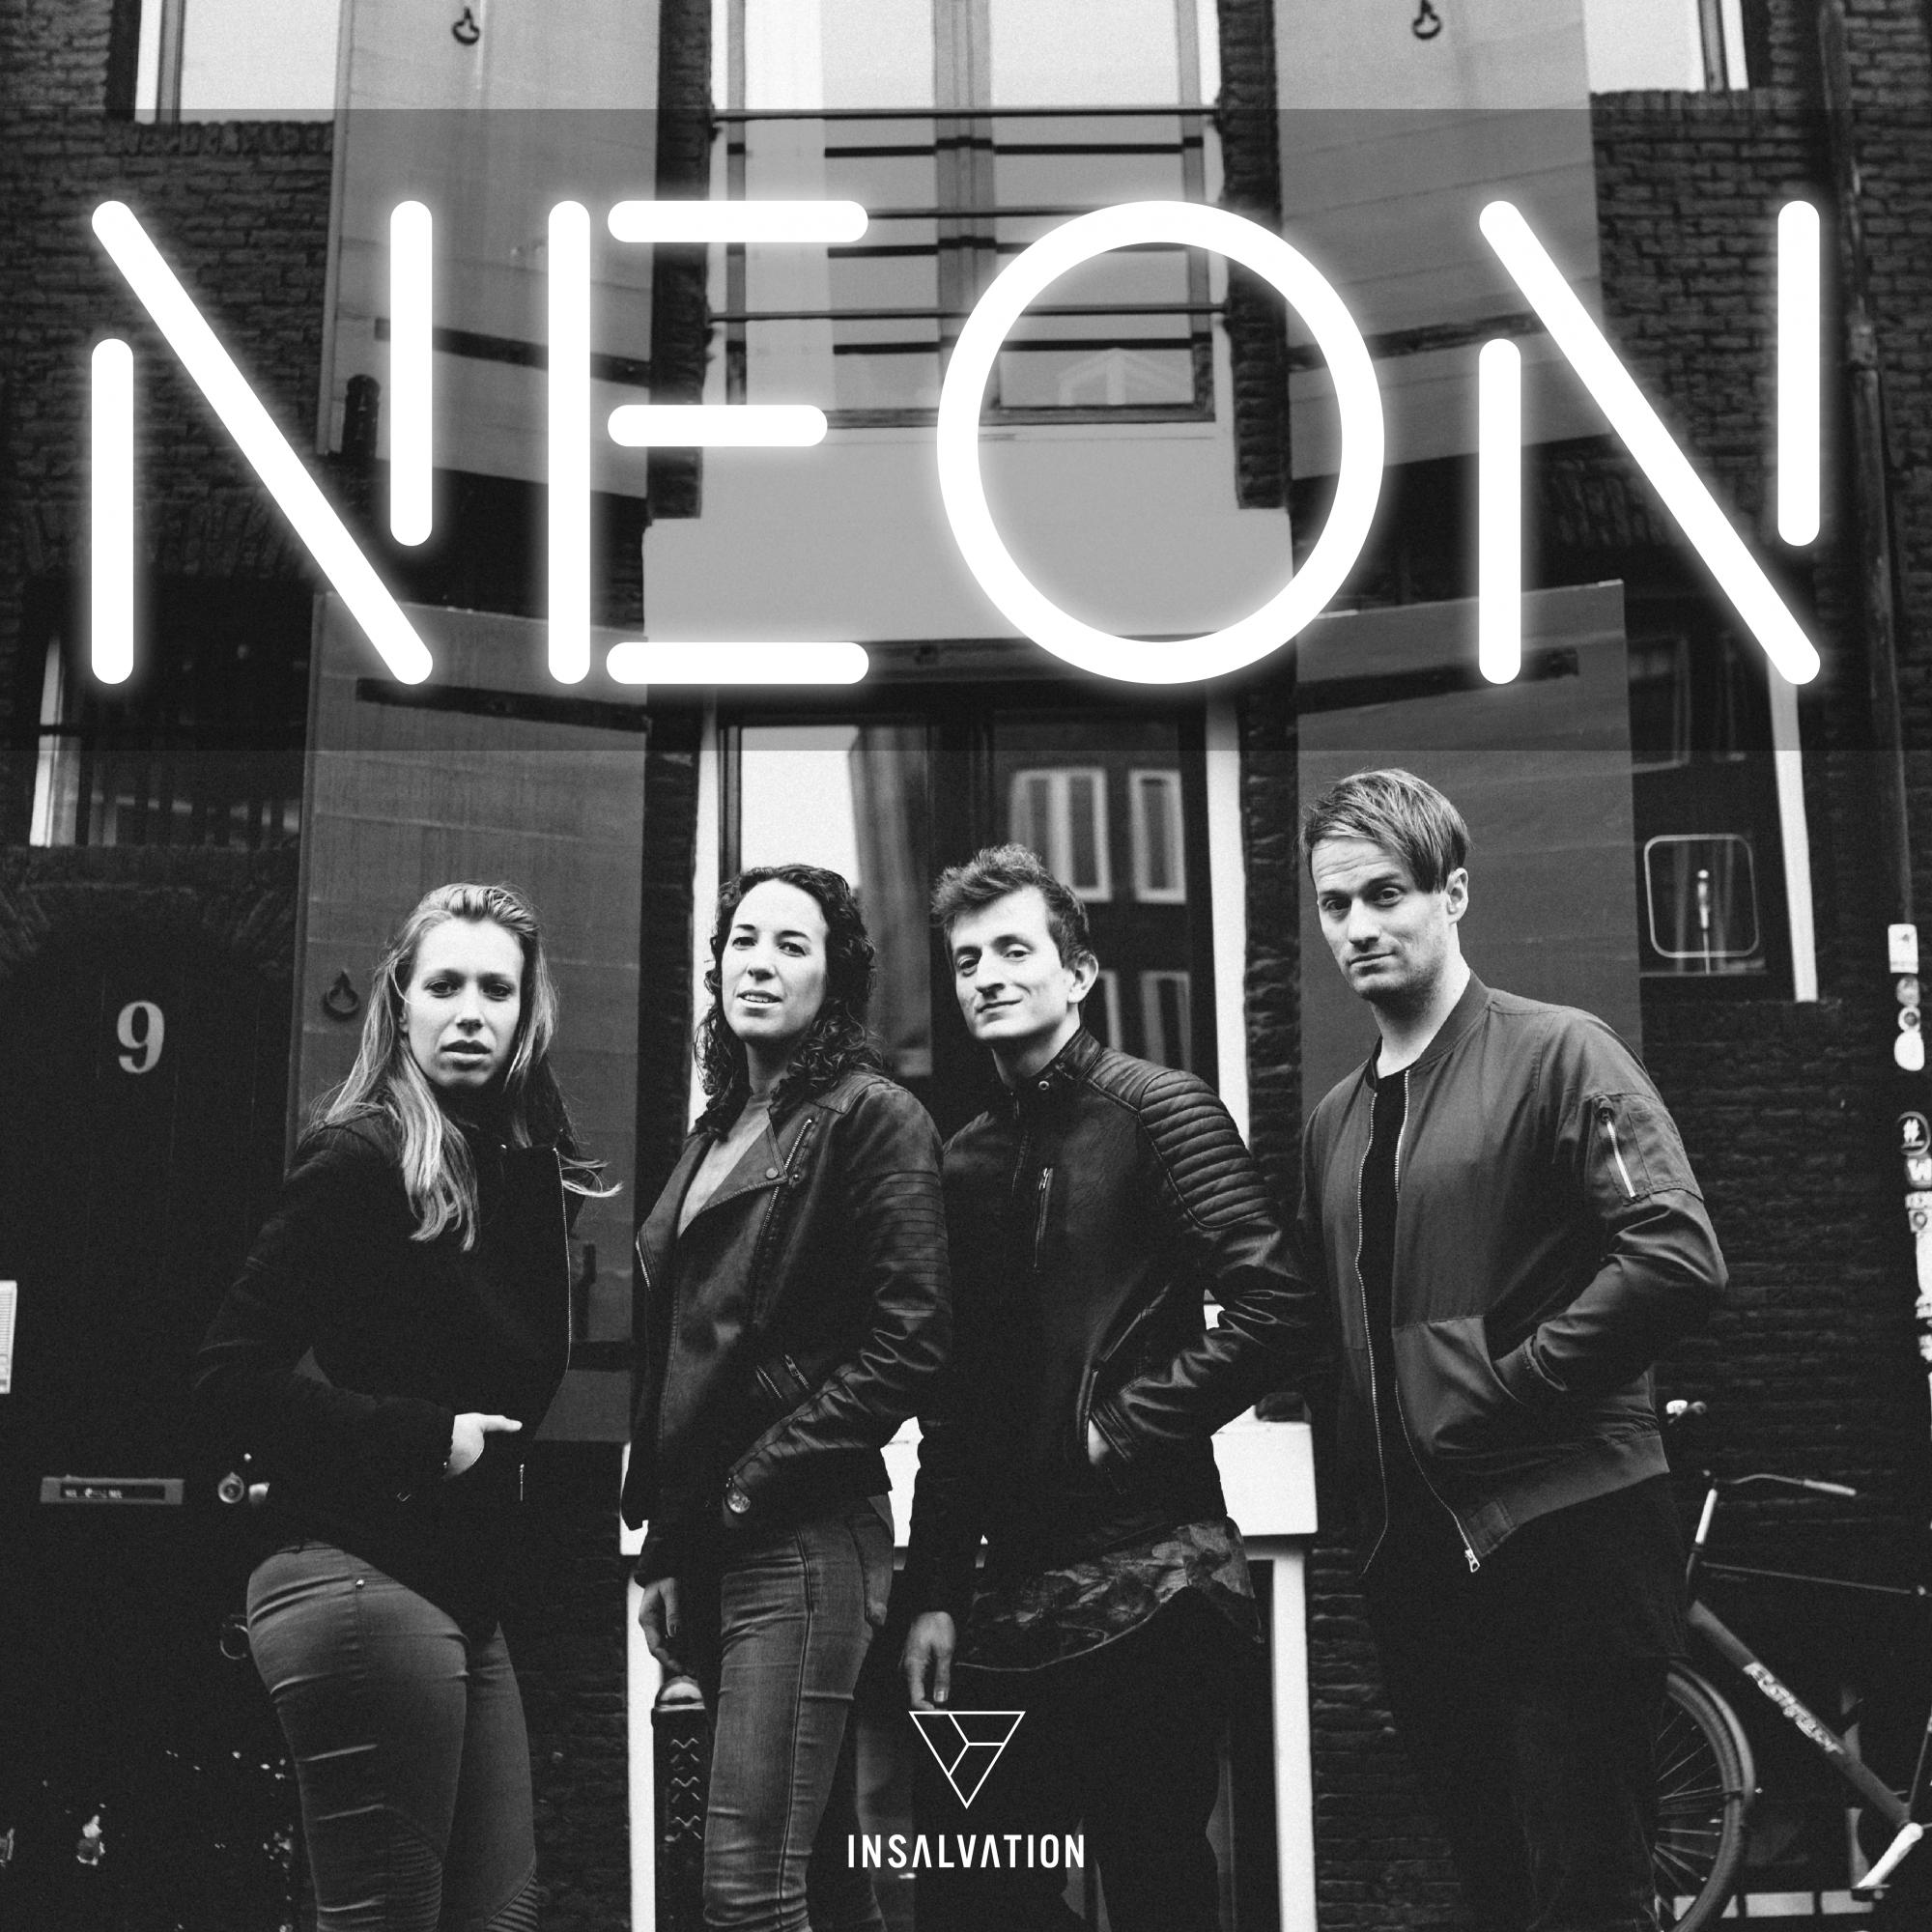 NEON // SINGLE RELEASE